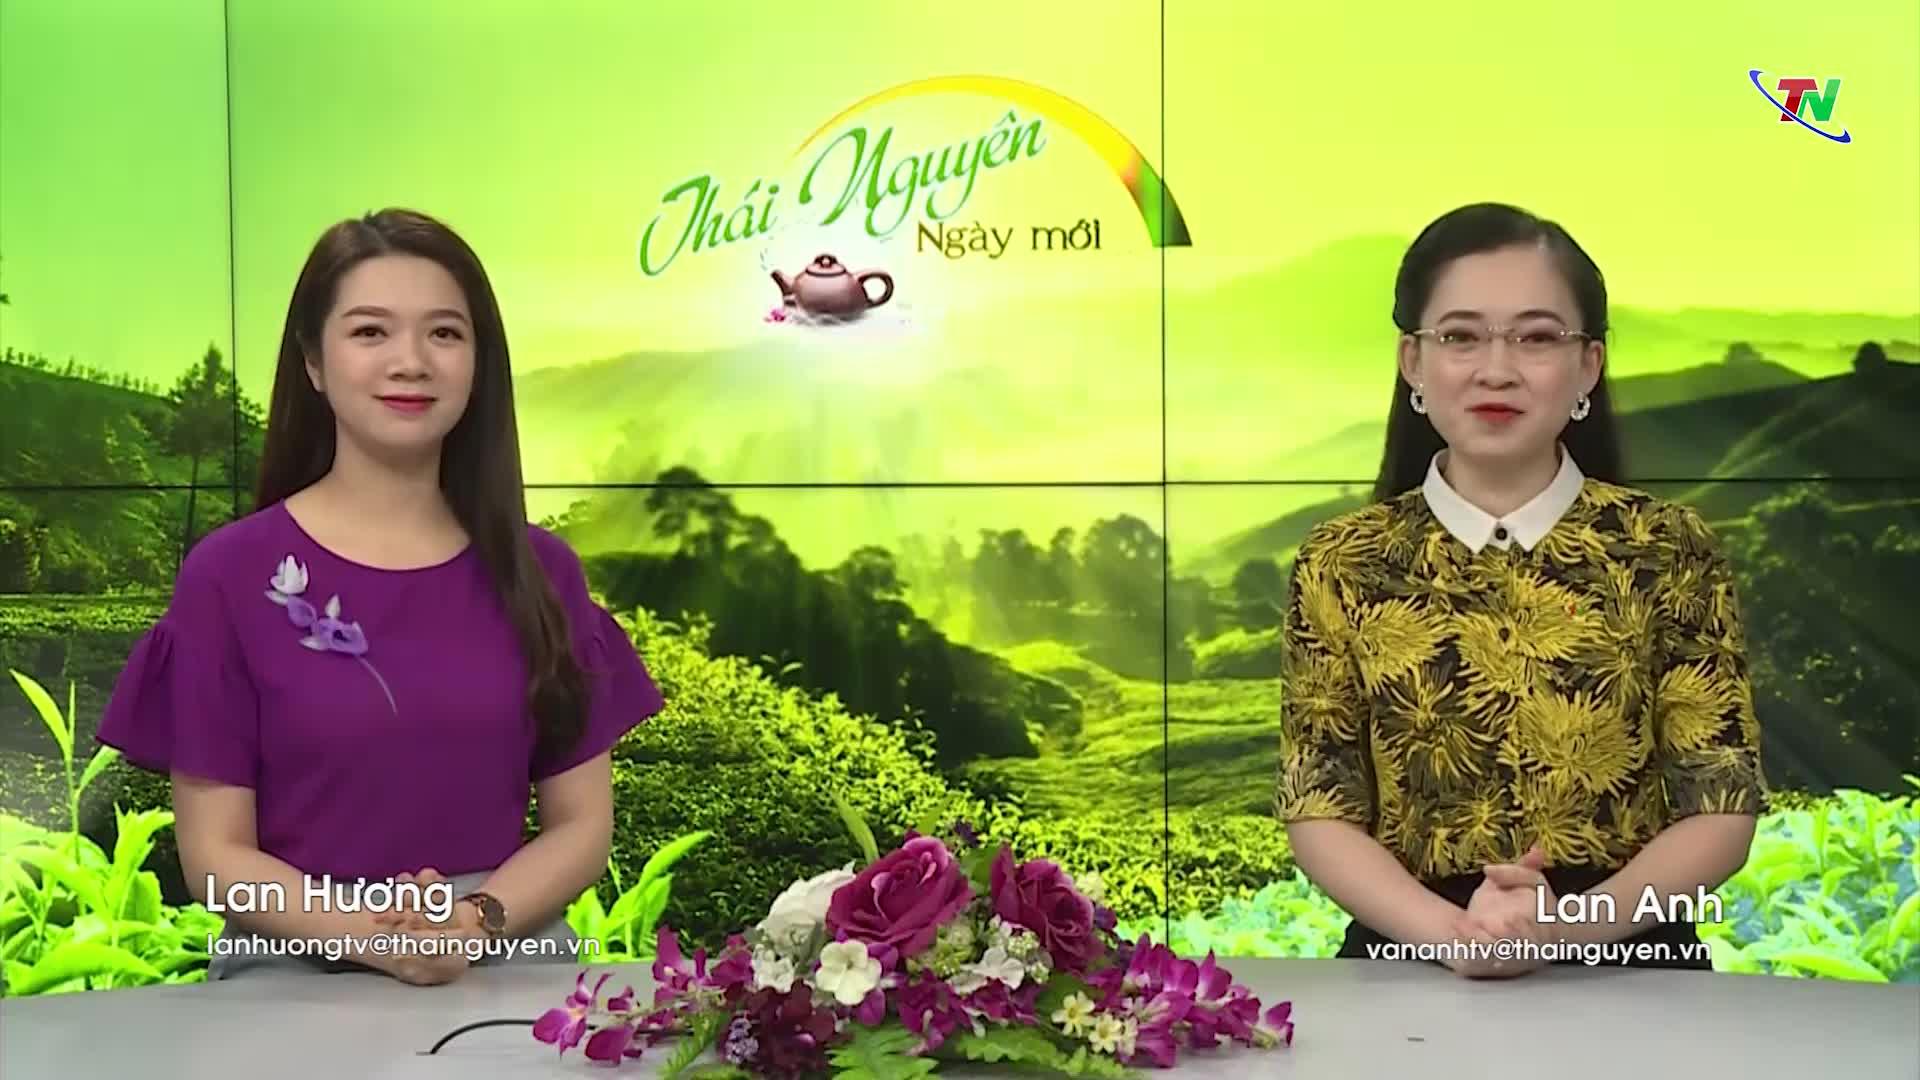 Chương trình Thái Nguyên ngày mới ngày 27/5/2020